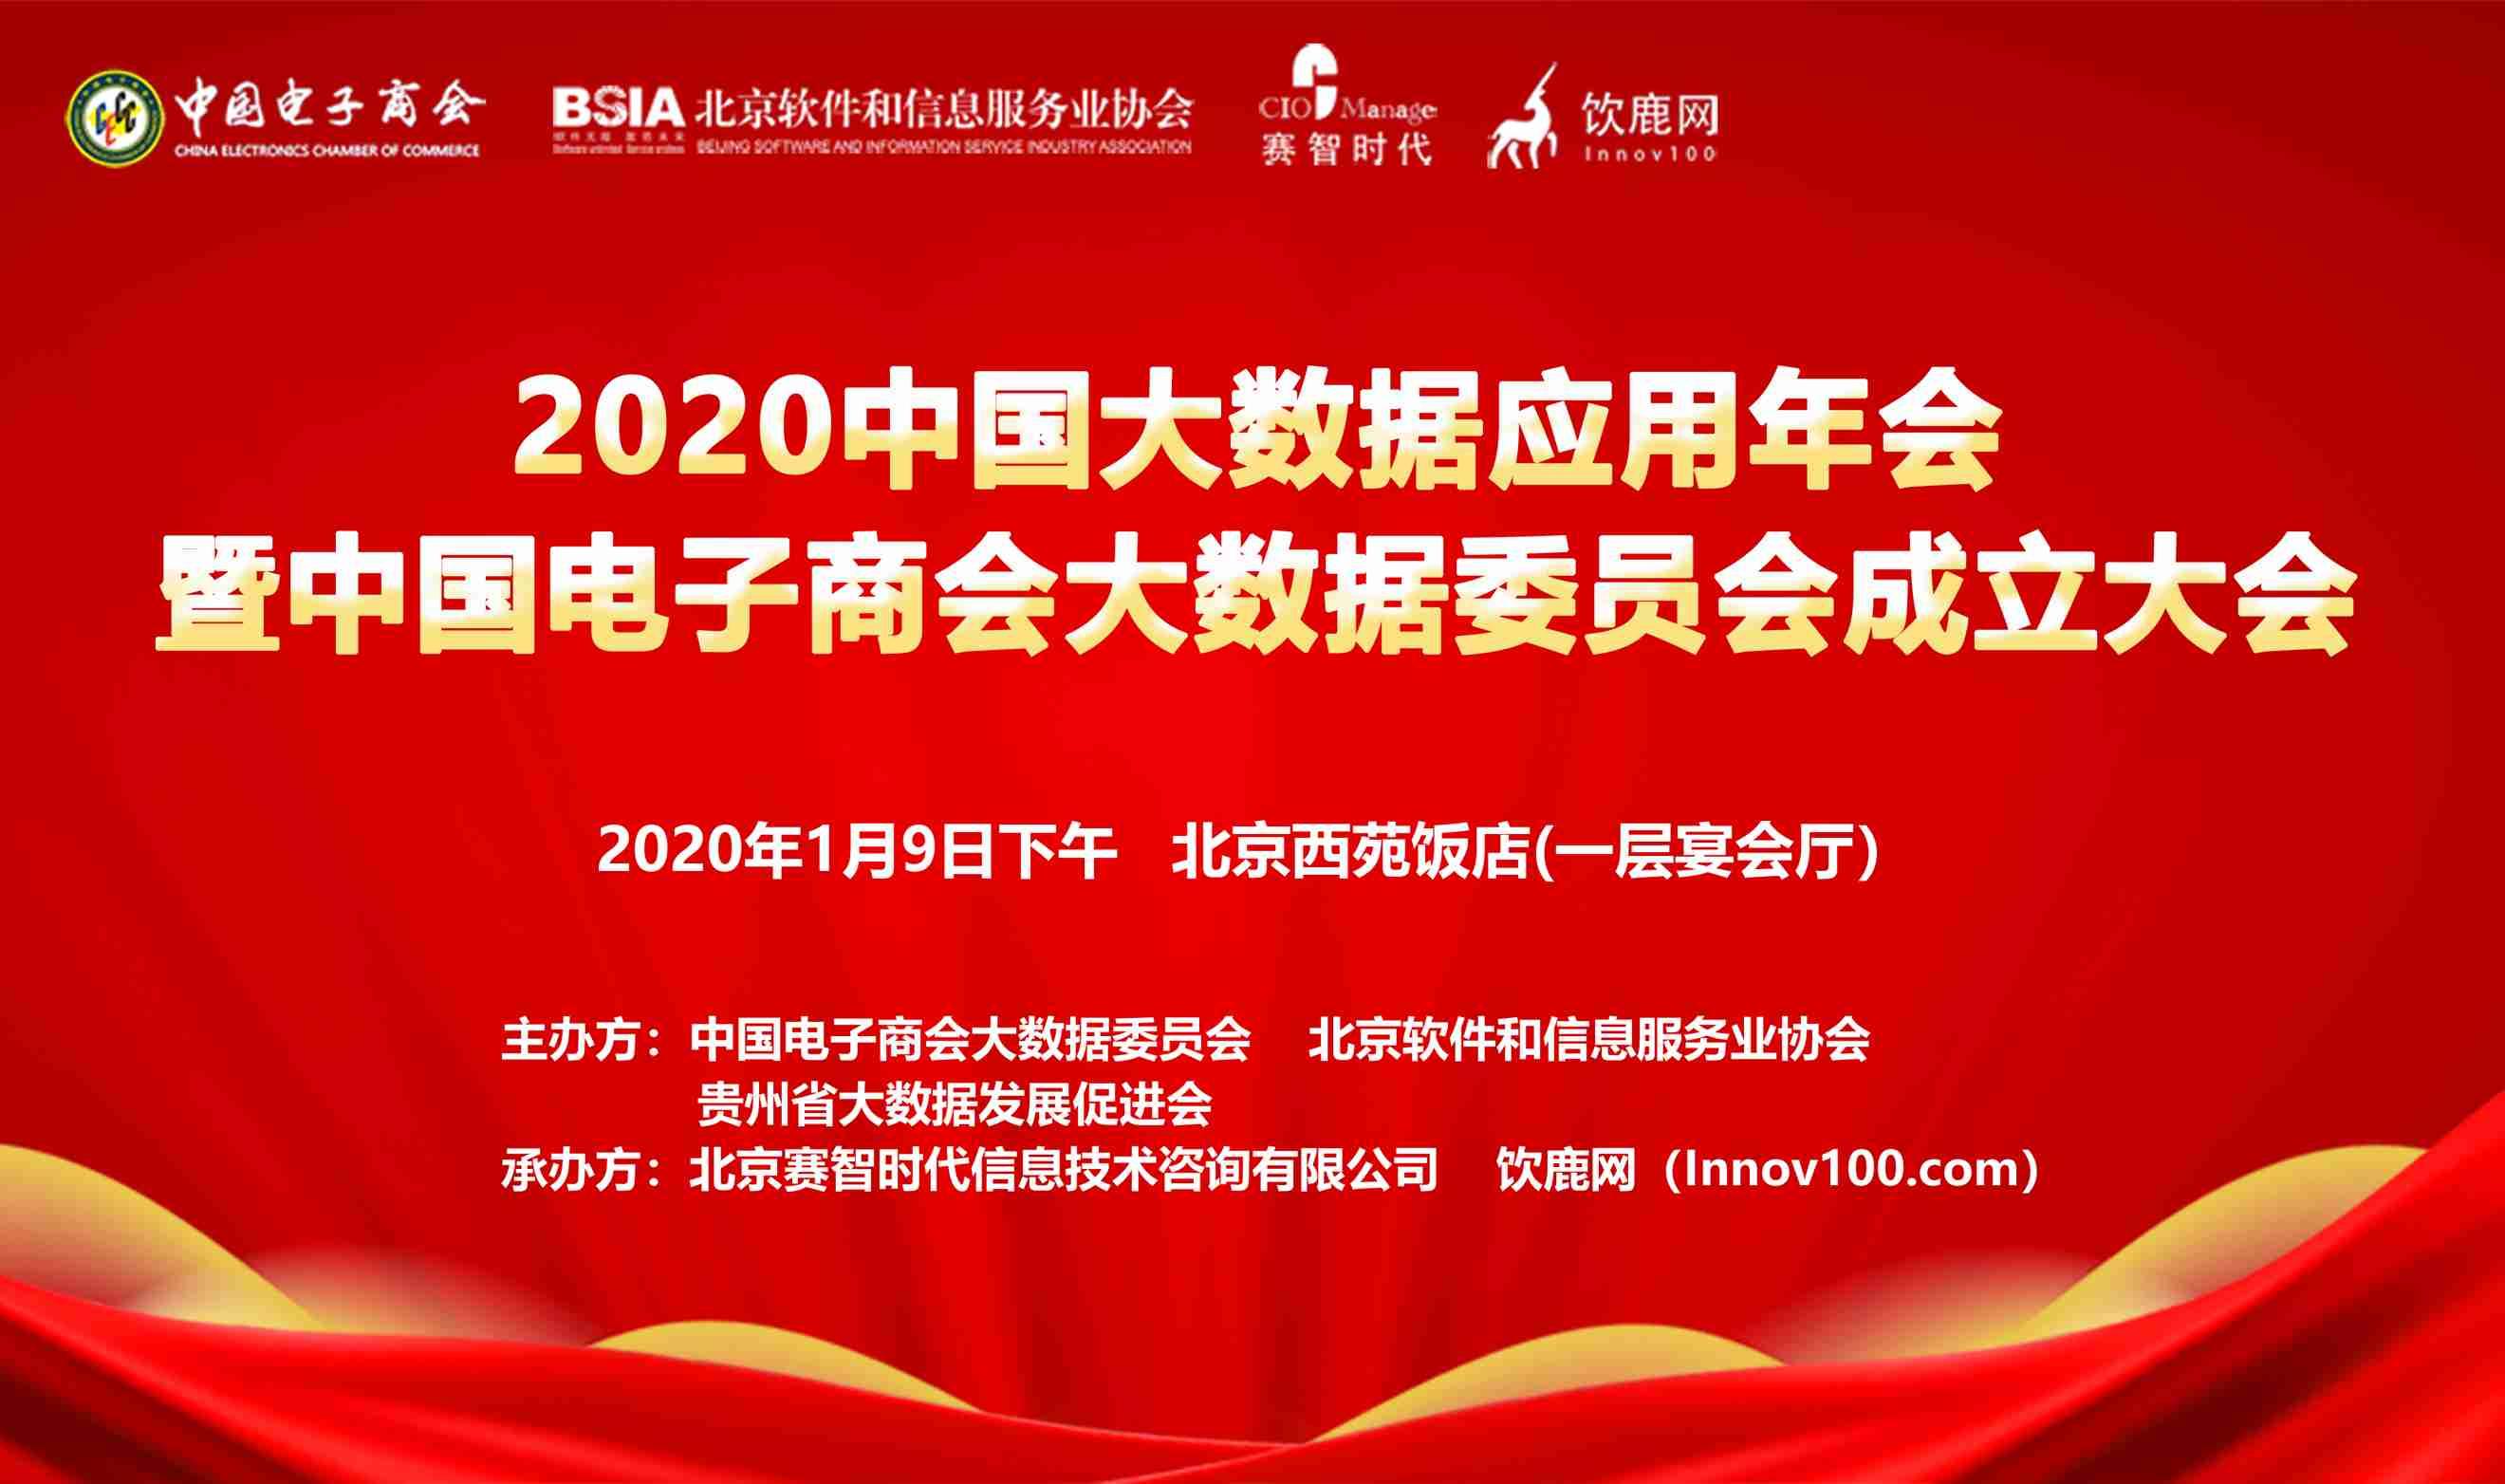 2020中国大数据应用年会暨中国电子商会大数据委员会成立大会